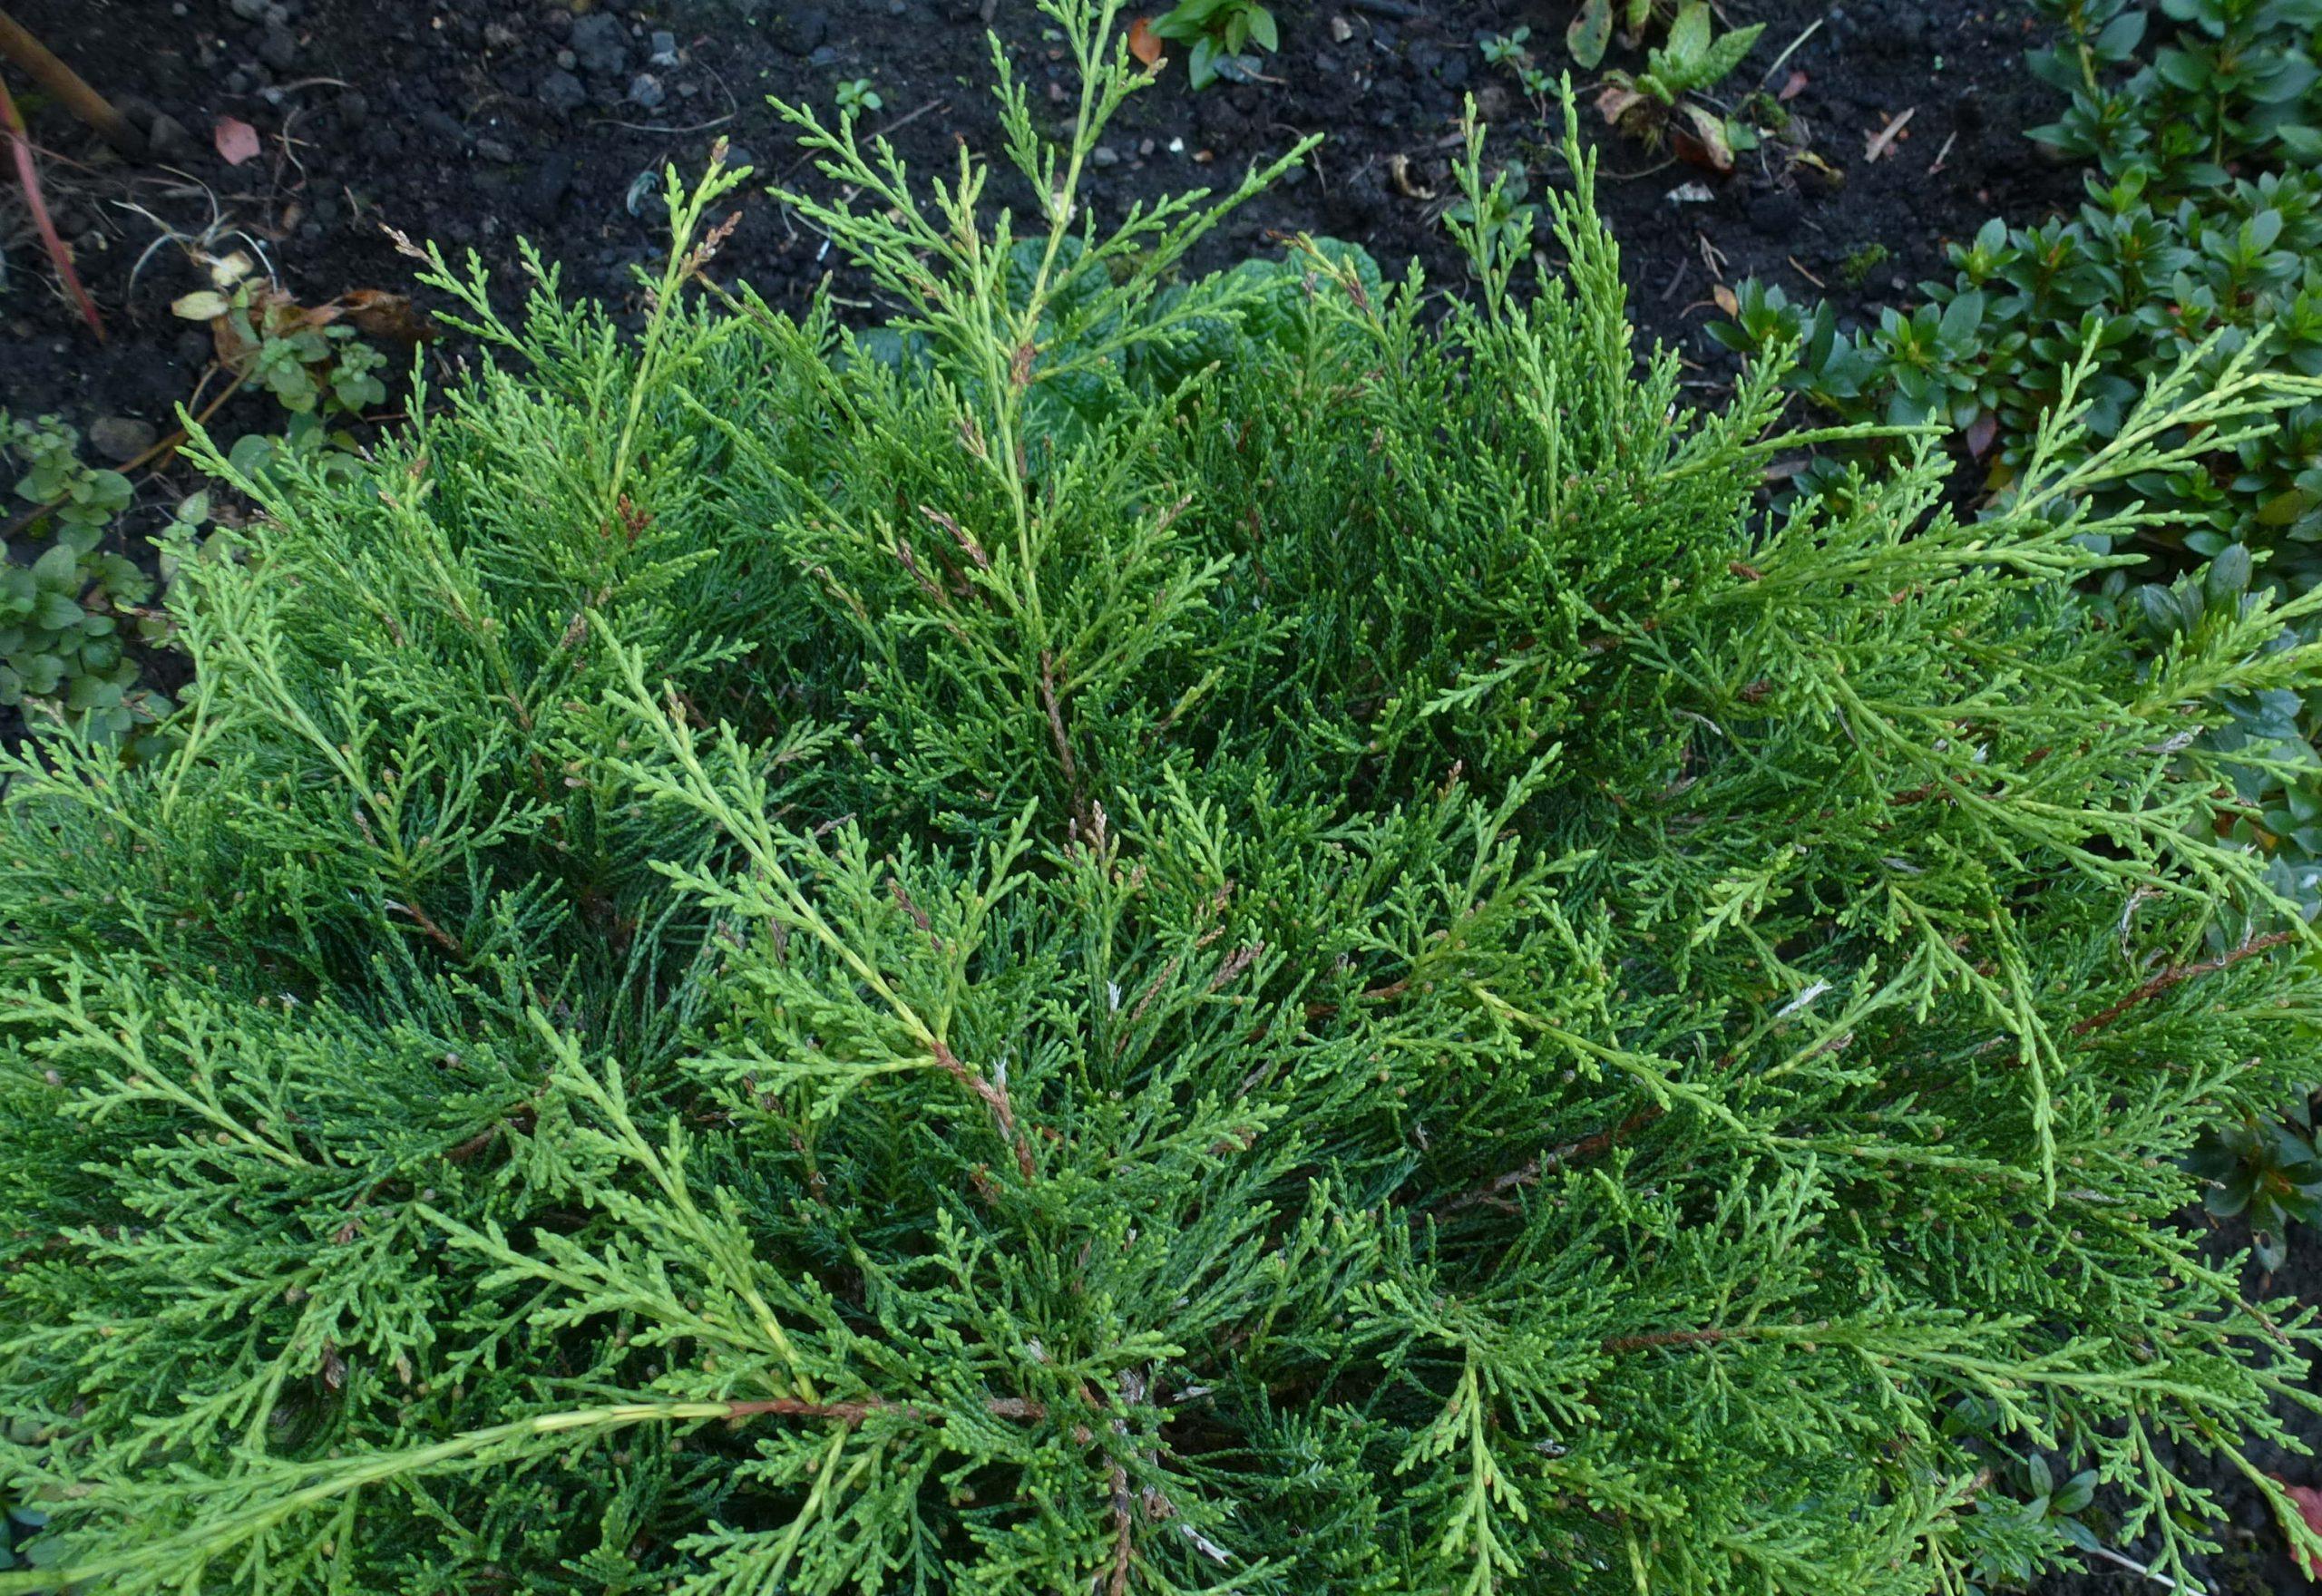 Dwarf Conifers for Atlanta